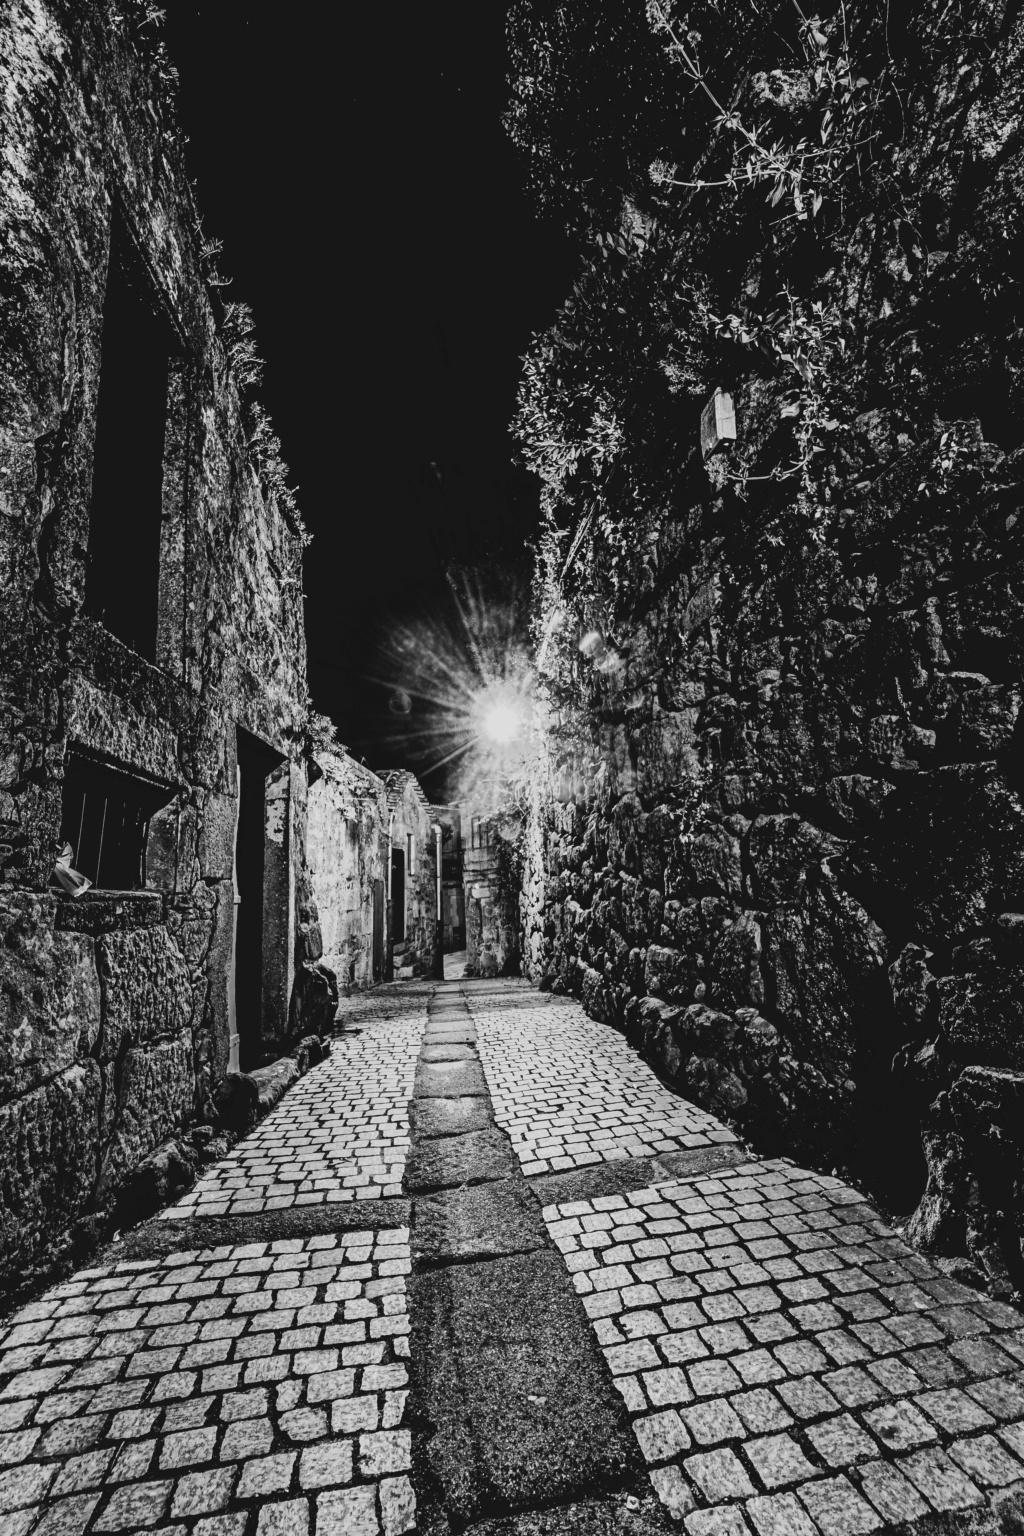 Sólo en blanco y negro Img_4011